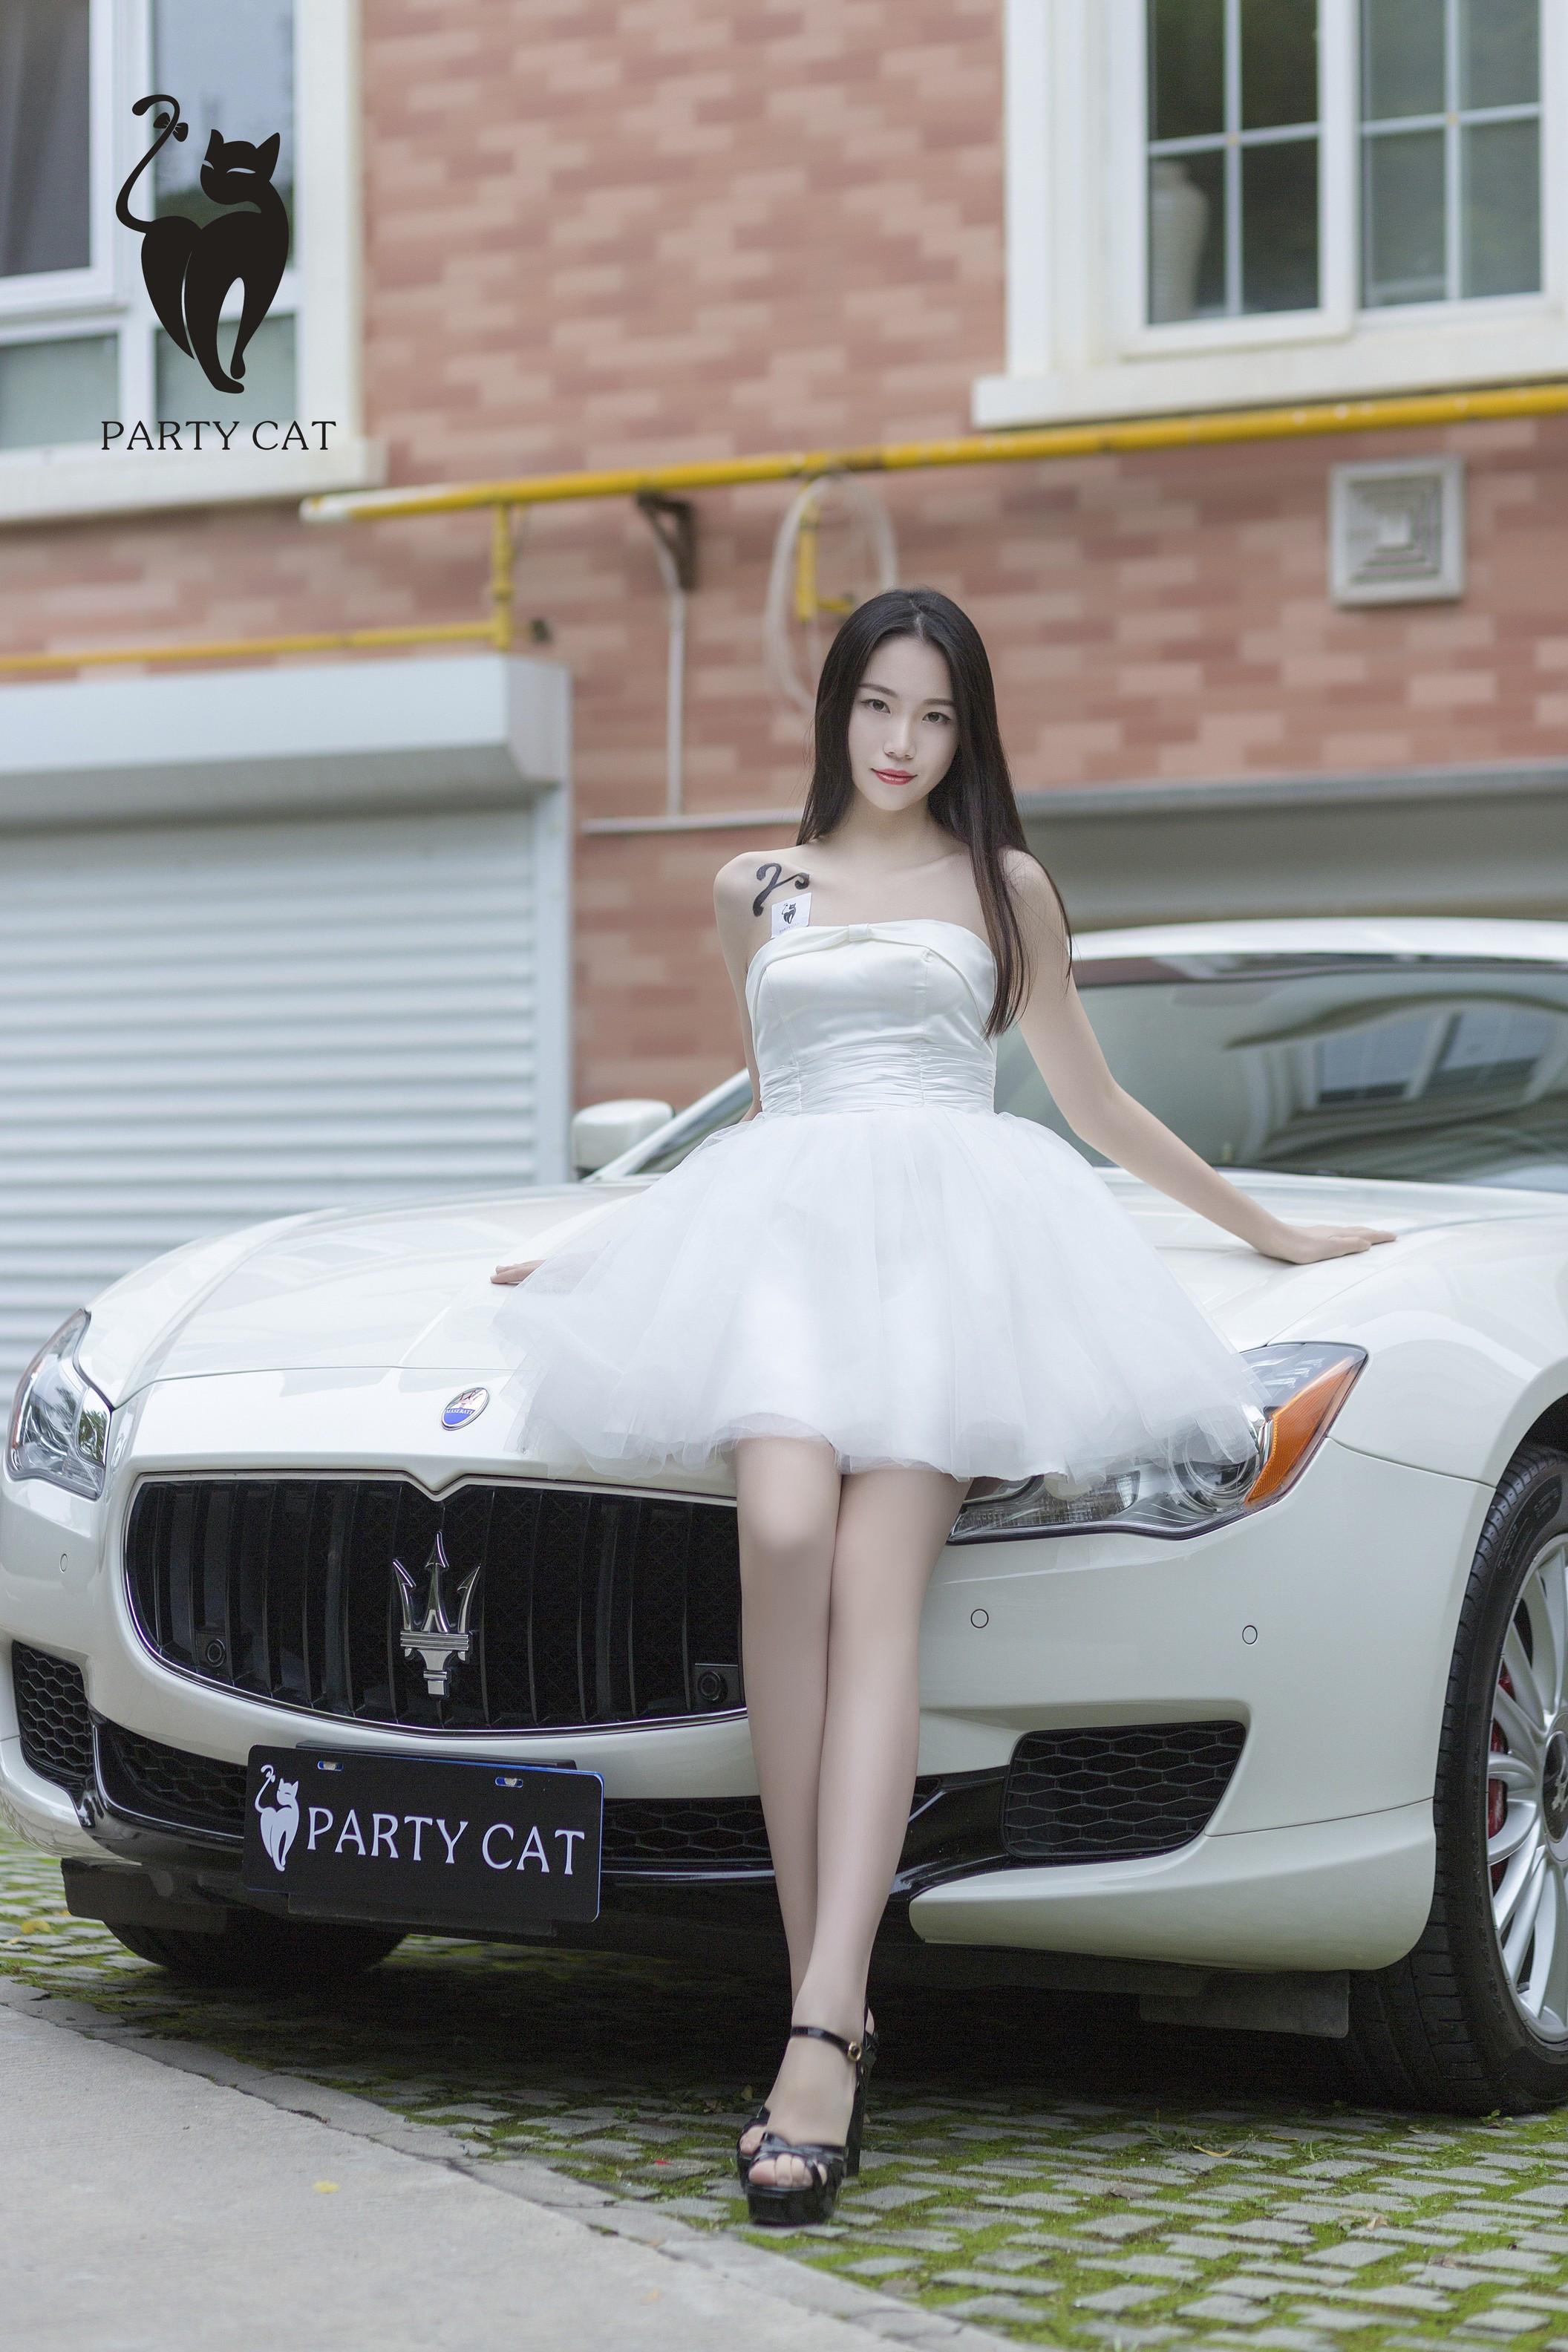 Party Cat vol.066 DuoDuo partycat036